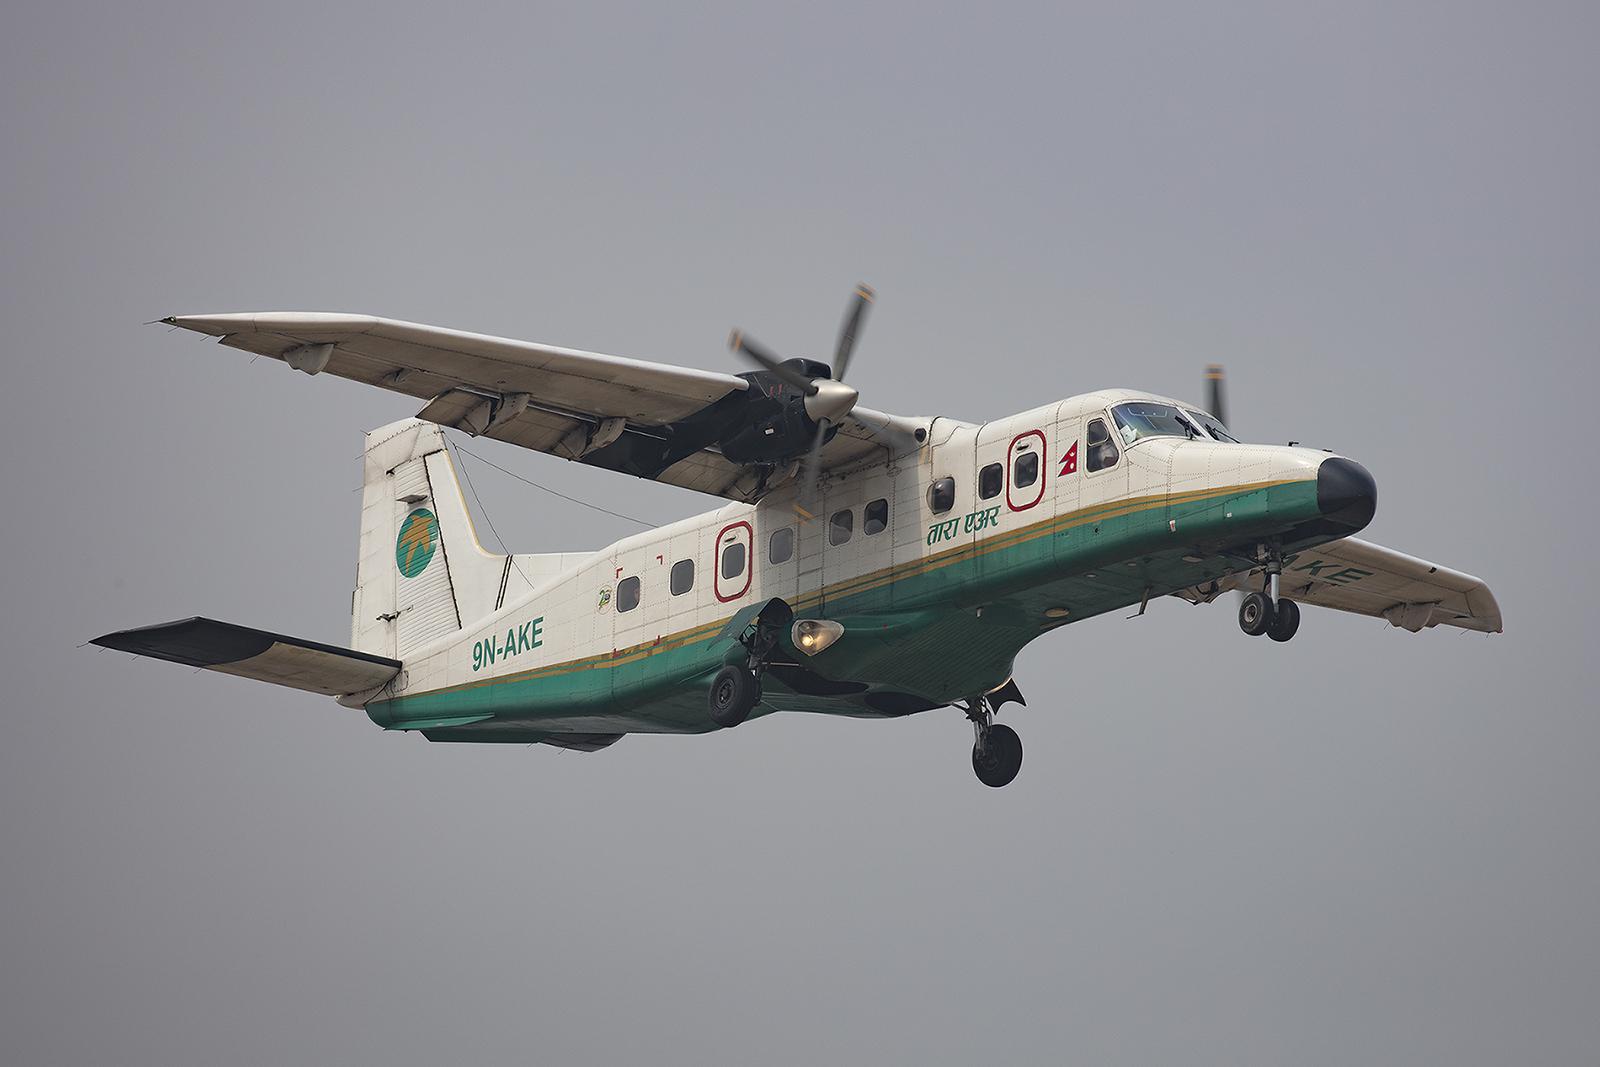 Dornier Do-228 der Tara Air, einer Tochter der Yeti Air.